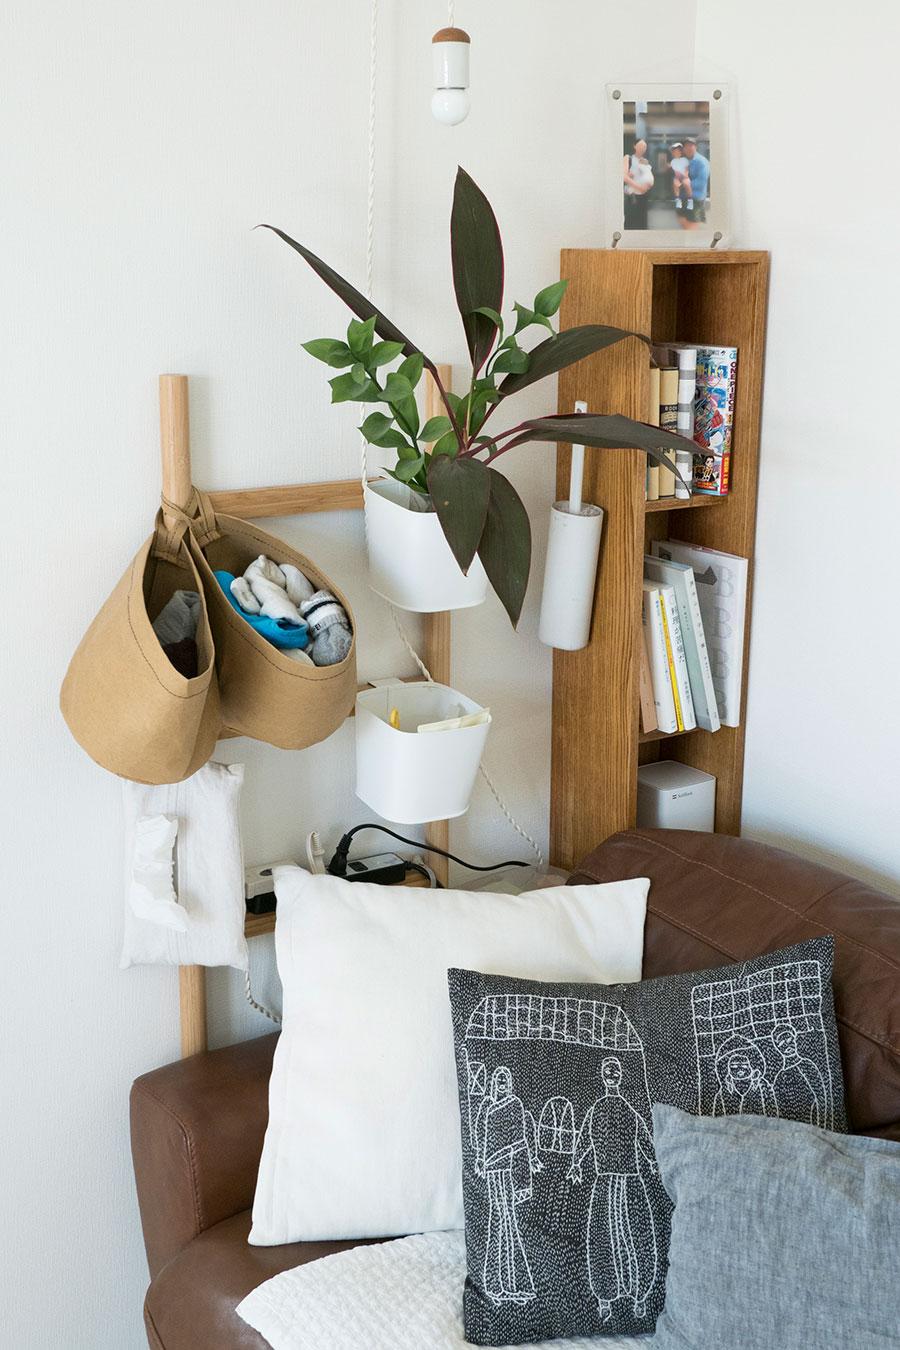 家具を置くかわりに、はしごにバッグやボックスをぶら下げることで収納に。子どもの下着類やティッシュ、掃除道具などリビングで使いたいものをまとめている。はしご上に置いたタップは抜き差しがしやすく、掃除もラク。